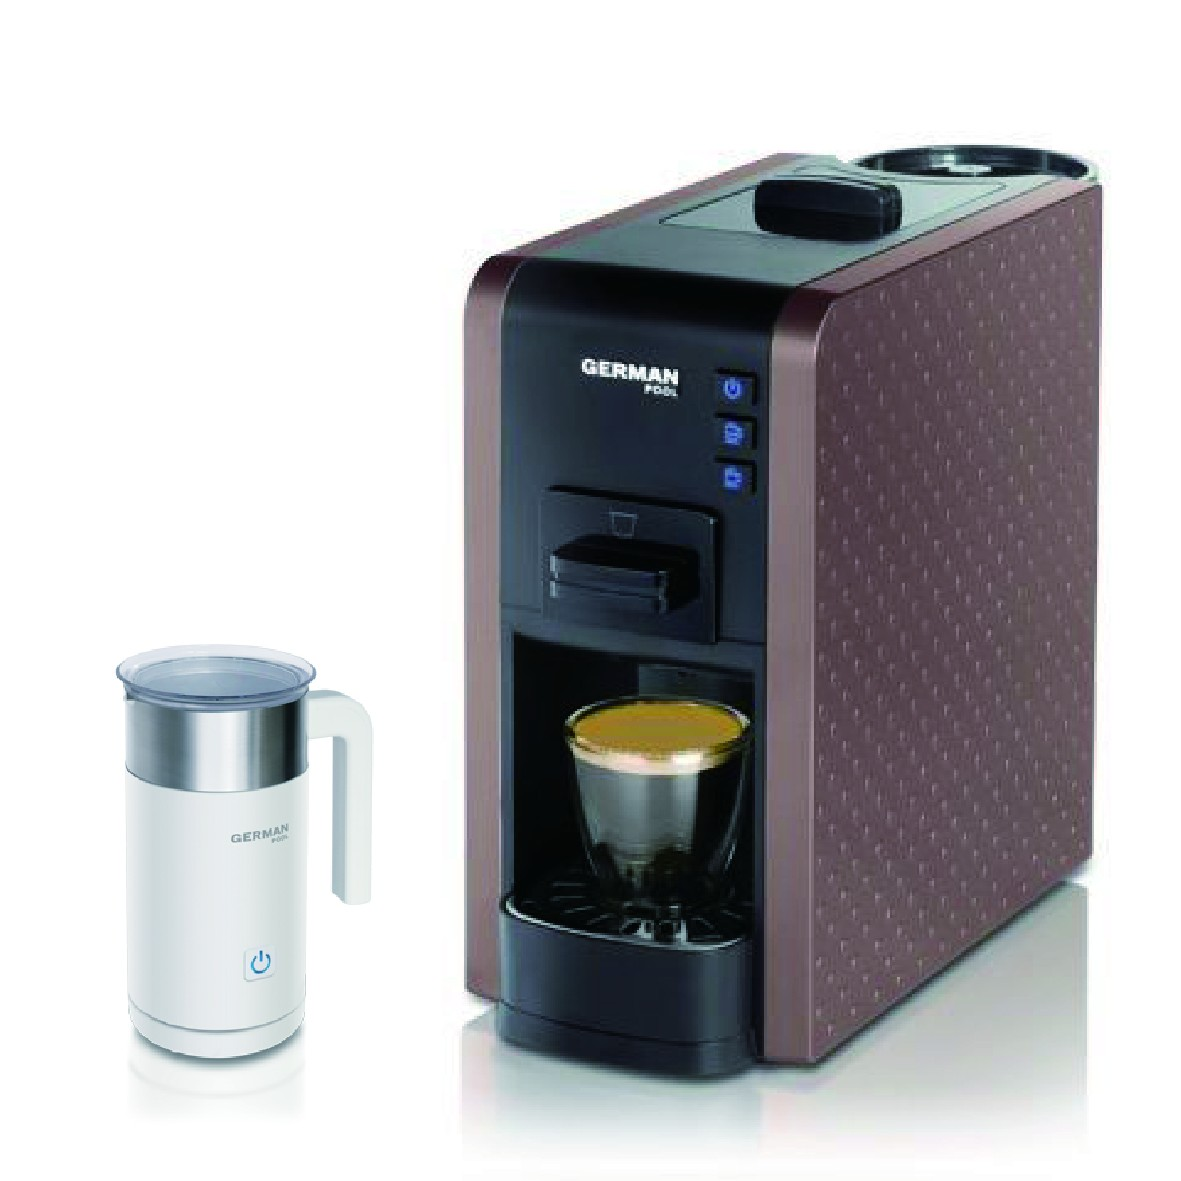 買咖啡豆送咖啡機優惠套餐 - German Pool 隨芯咖啡機(啡色) Plan B